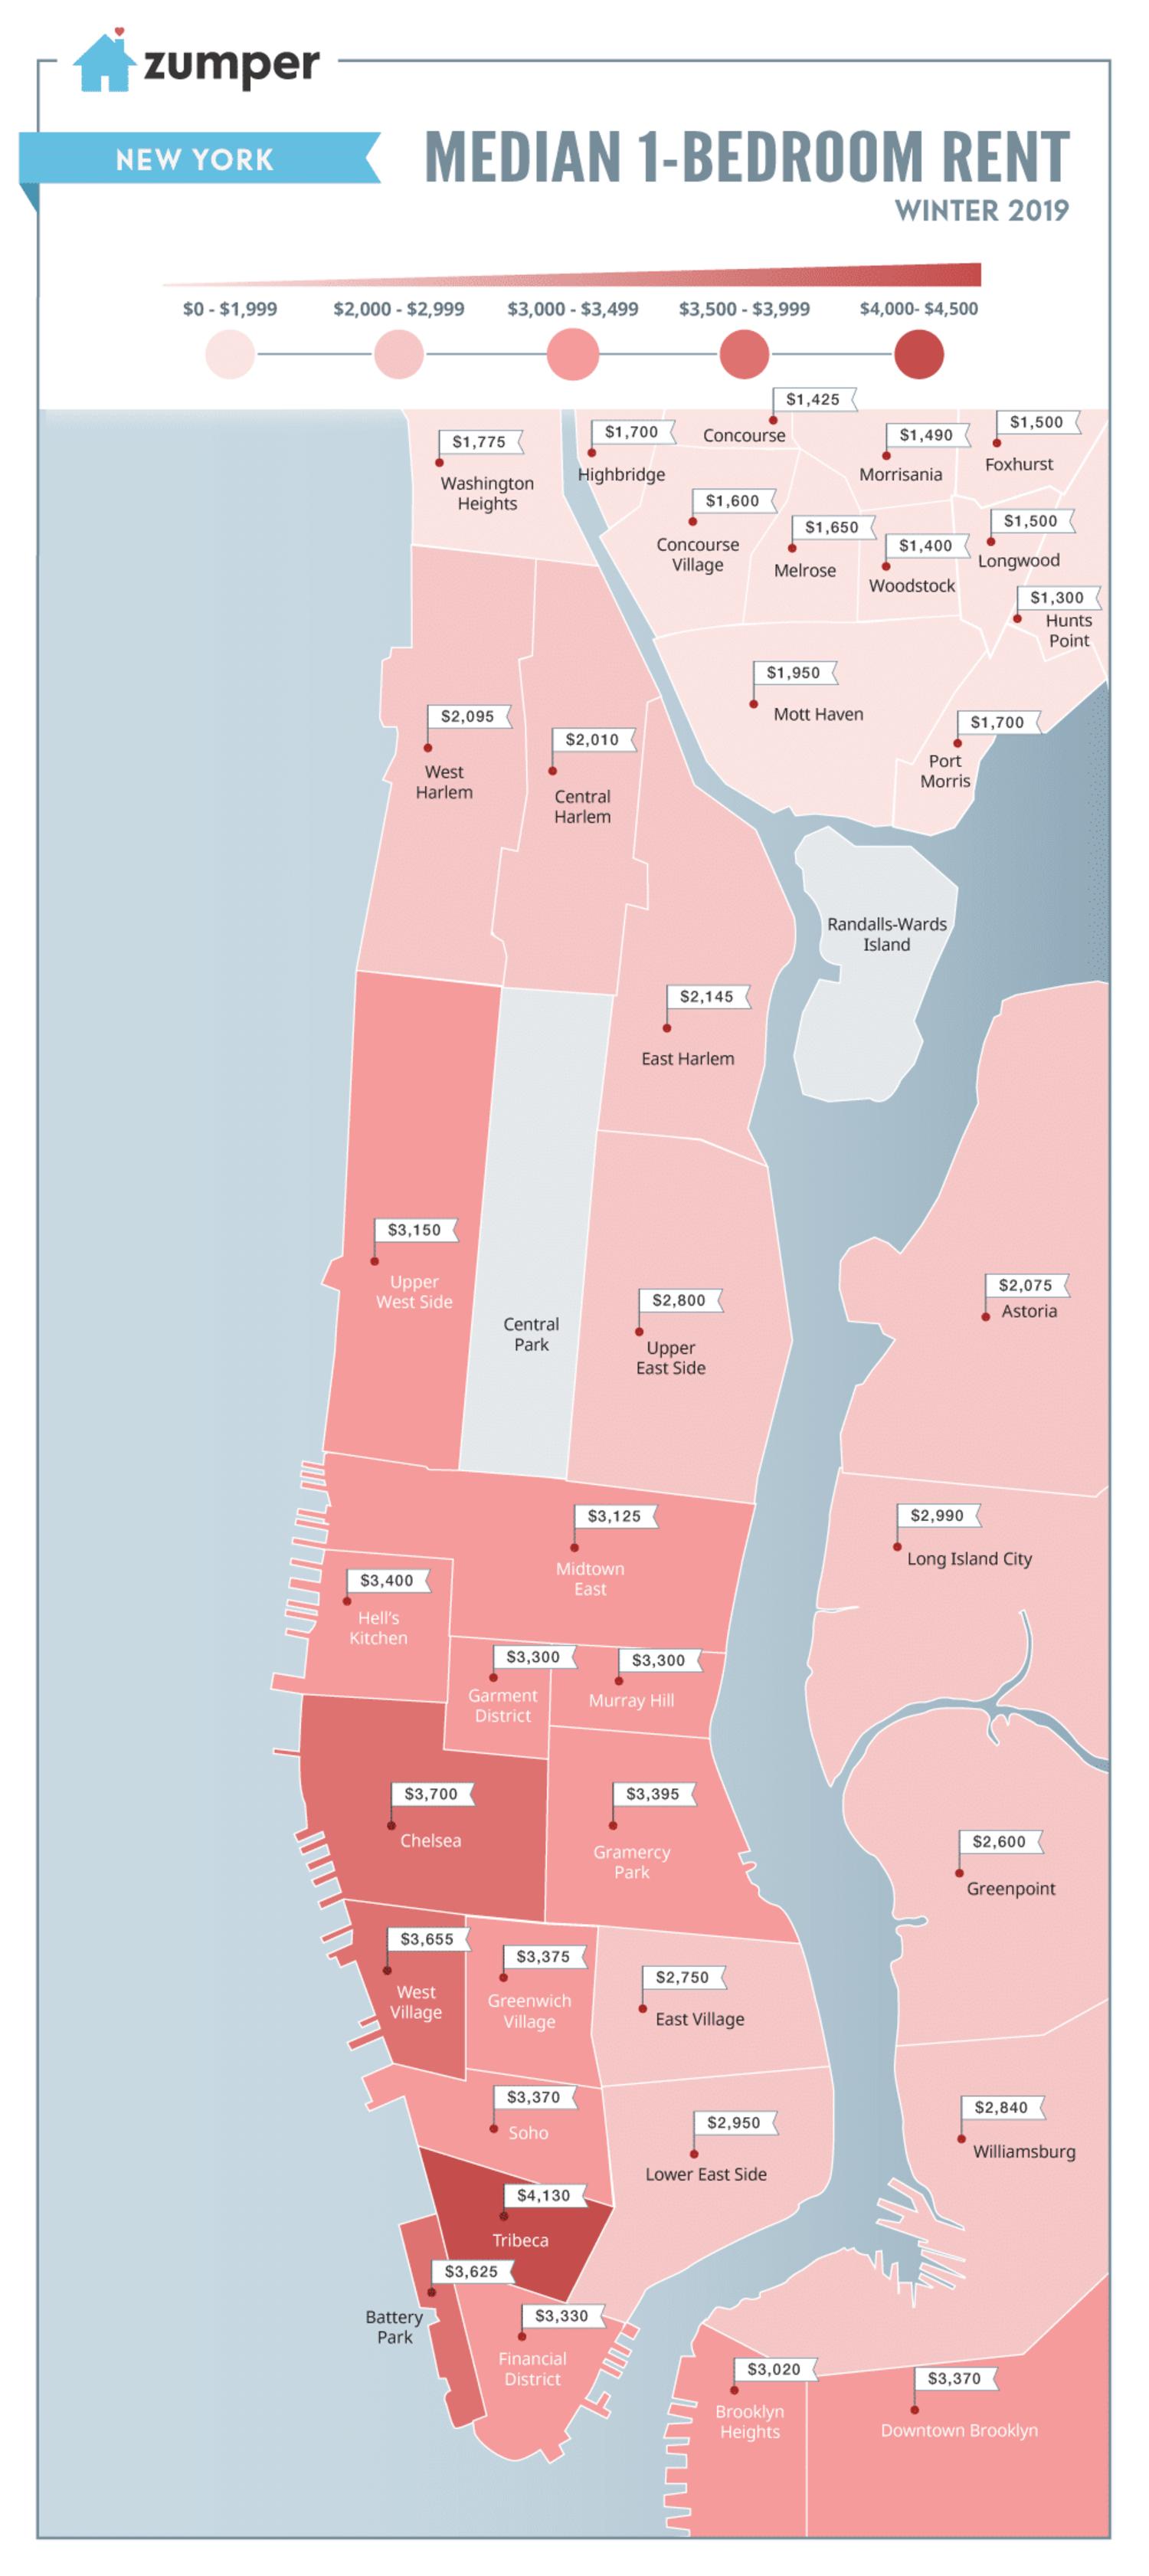 Costo de alquiler de un departamento de 1 dormitorio en Manhattan, Zumper